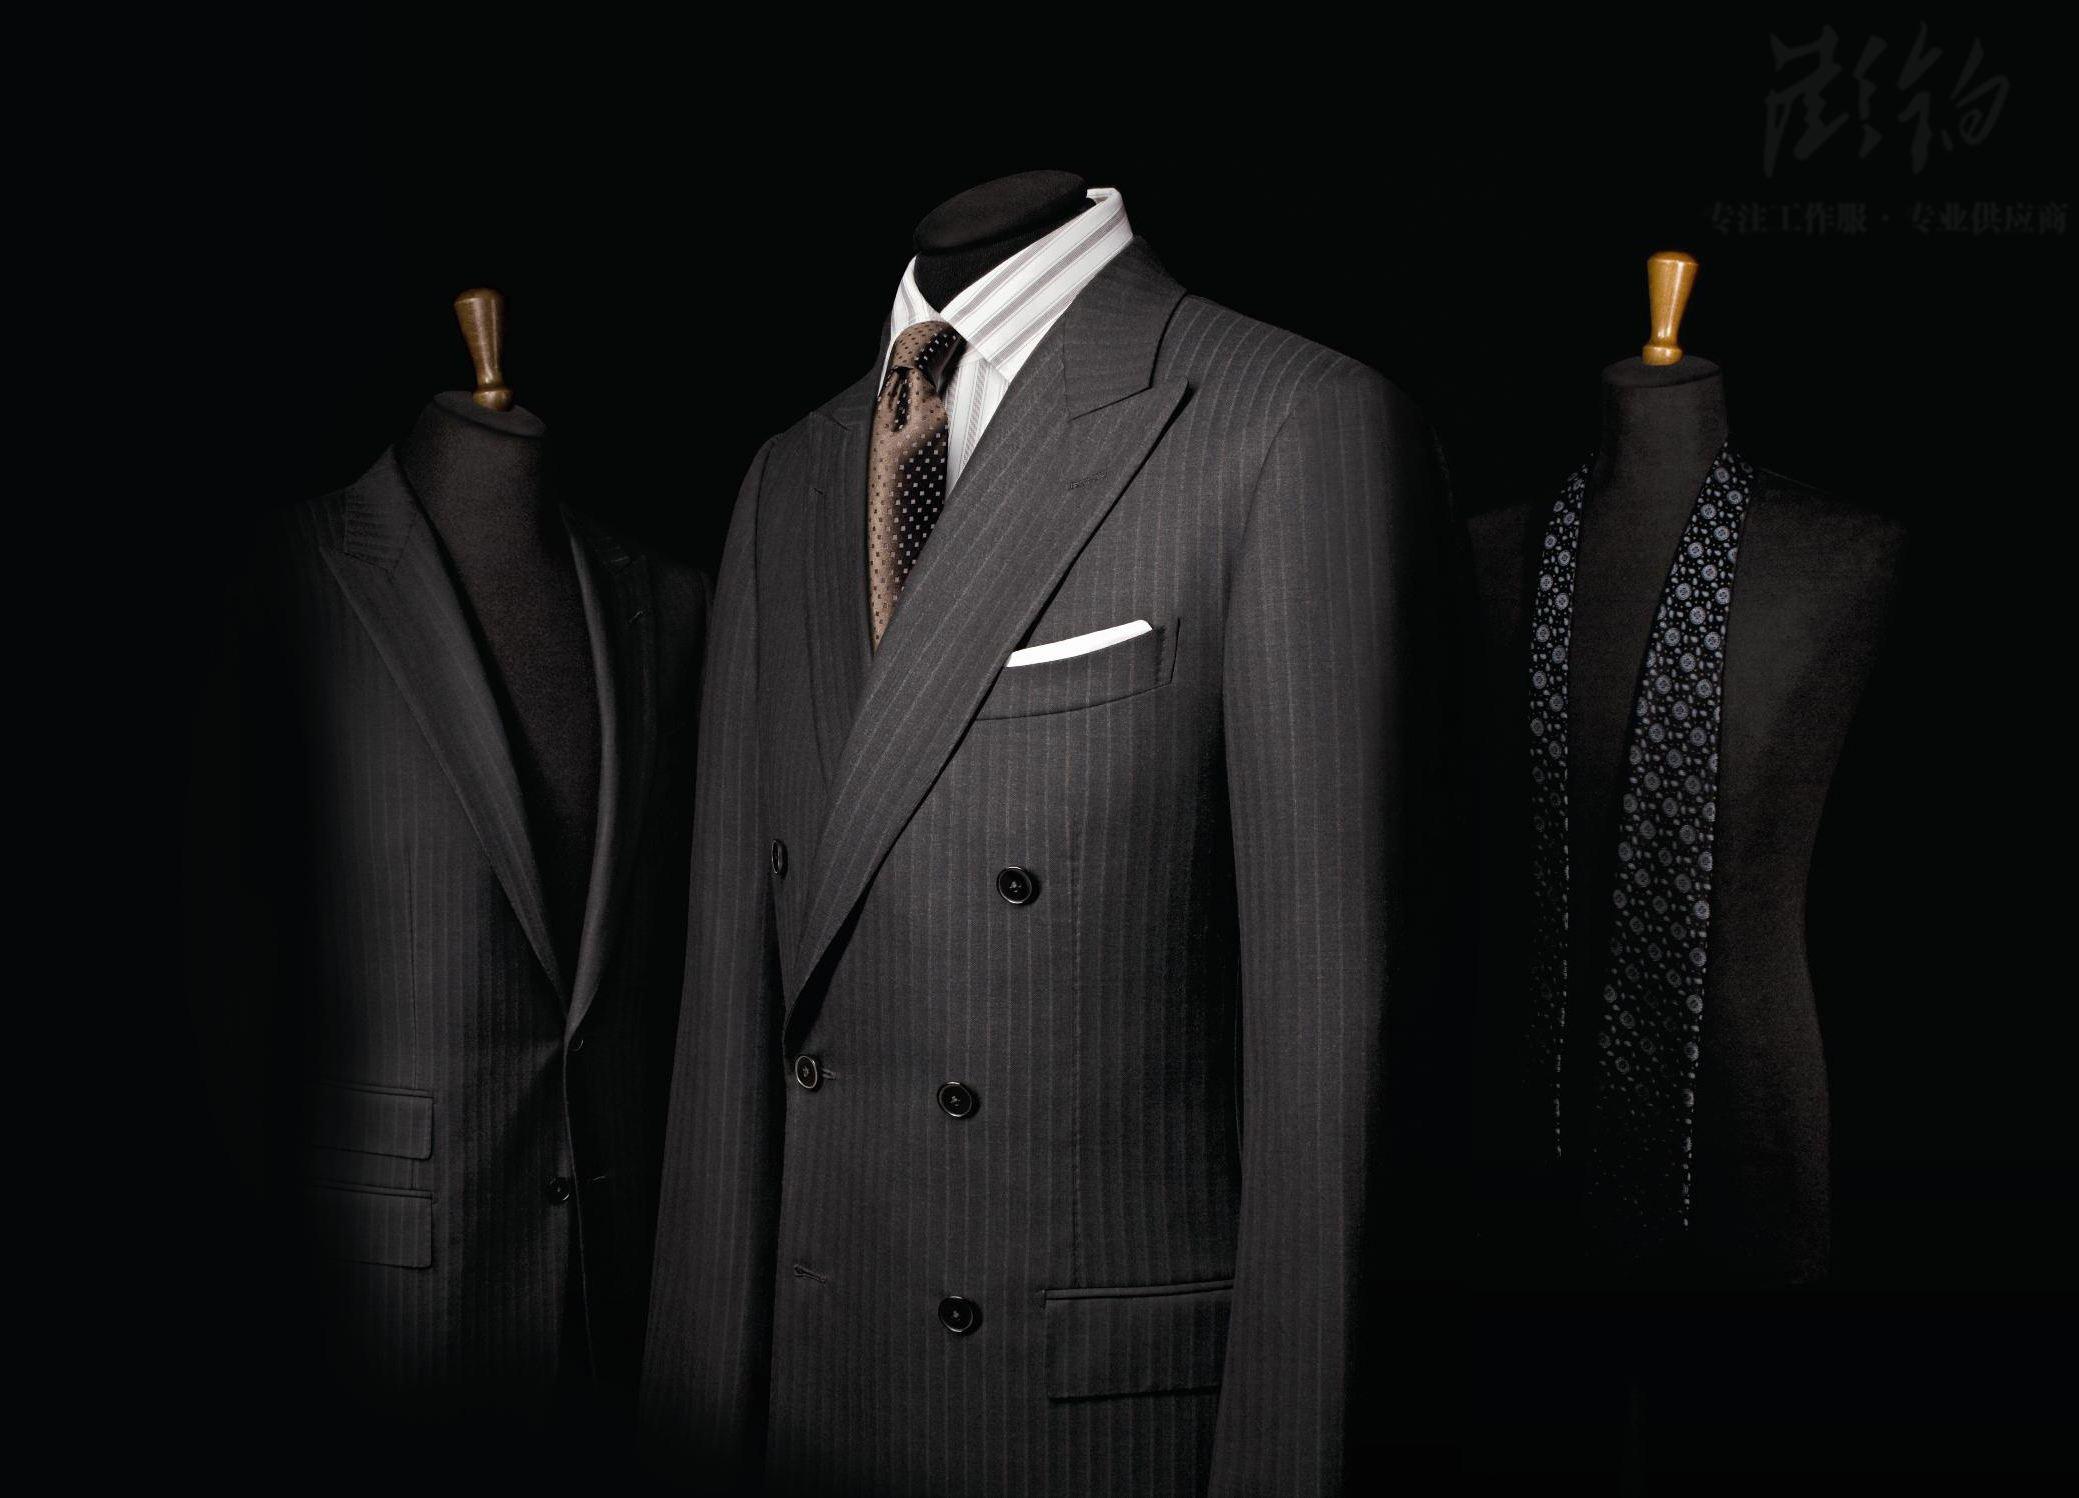 服装团单定制裁剪计划系统有哪些优势?